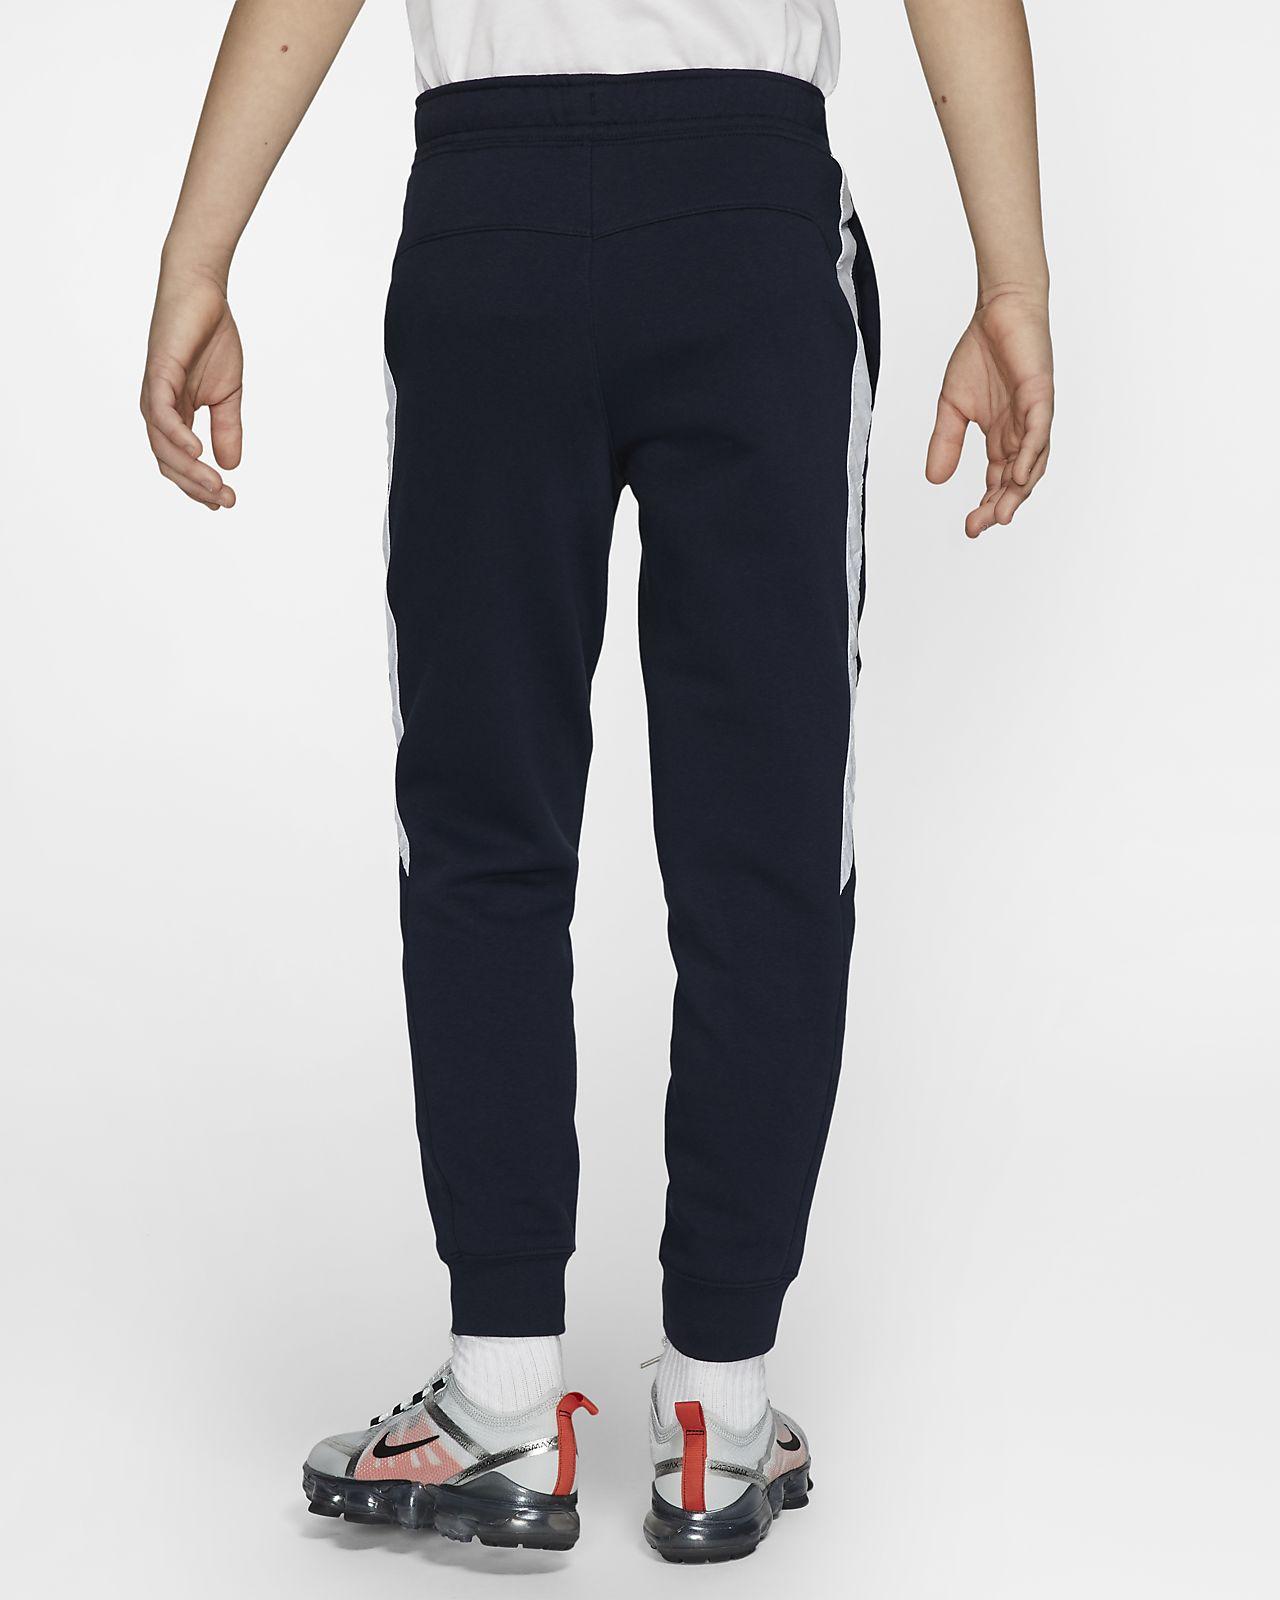 1758721b42 Low Resolution Nike Sportswear szabadidőnadrág nagyobb gyerekeknek Nike  Sportswear szabadidőnadrág nagyobb gyerekeknek